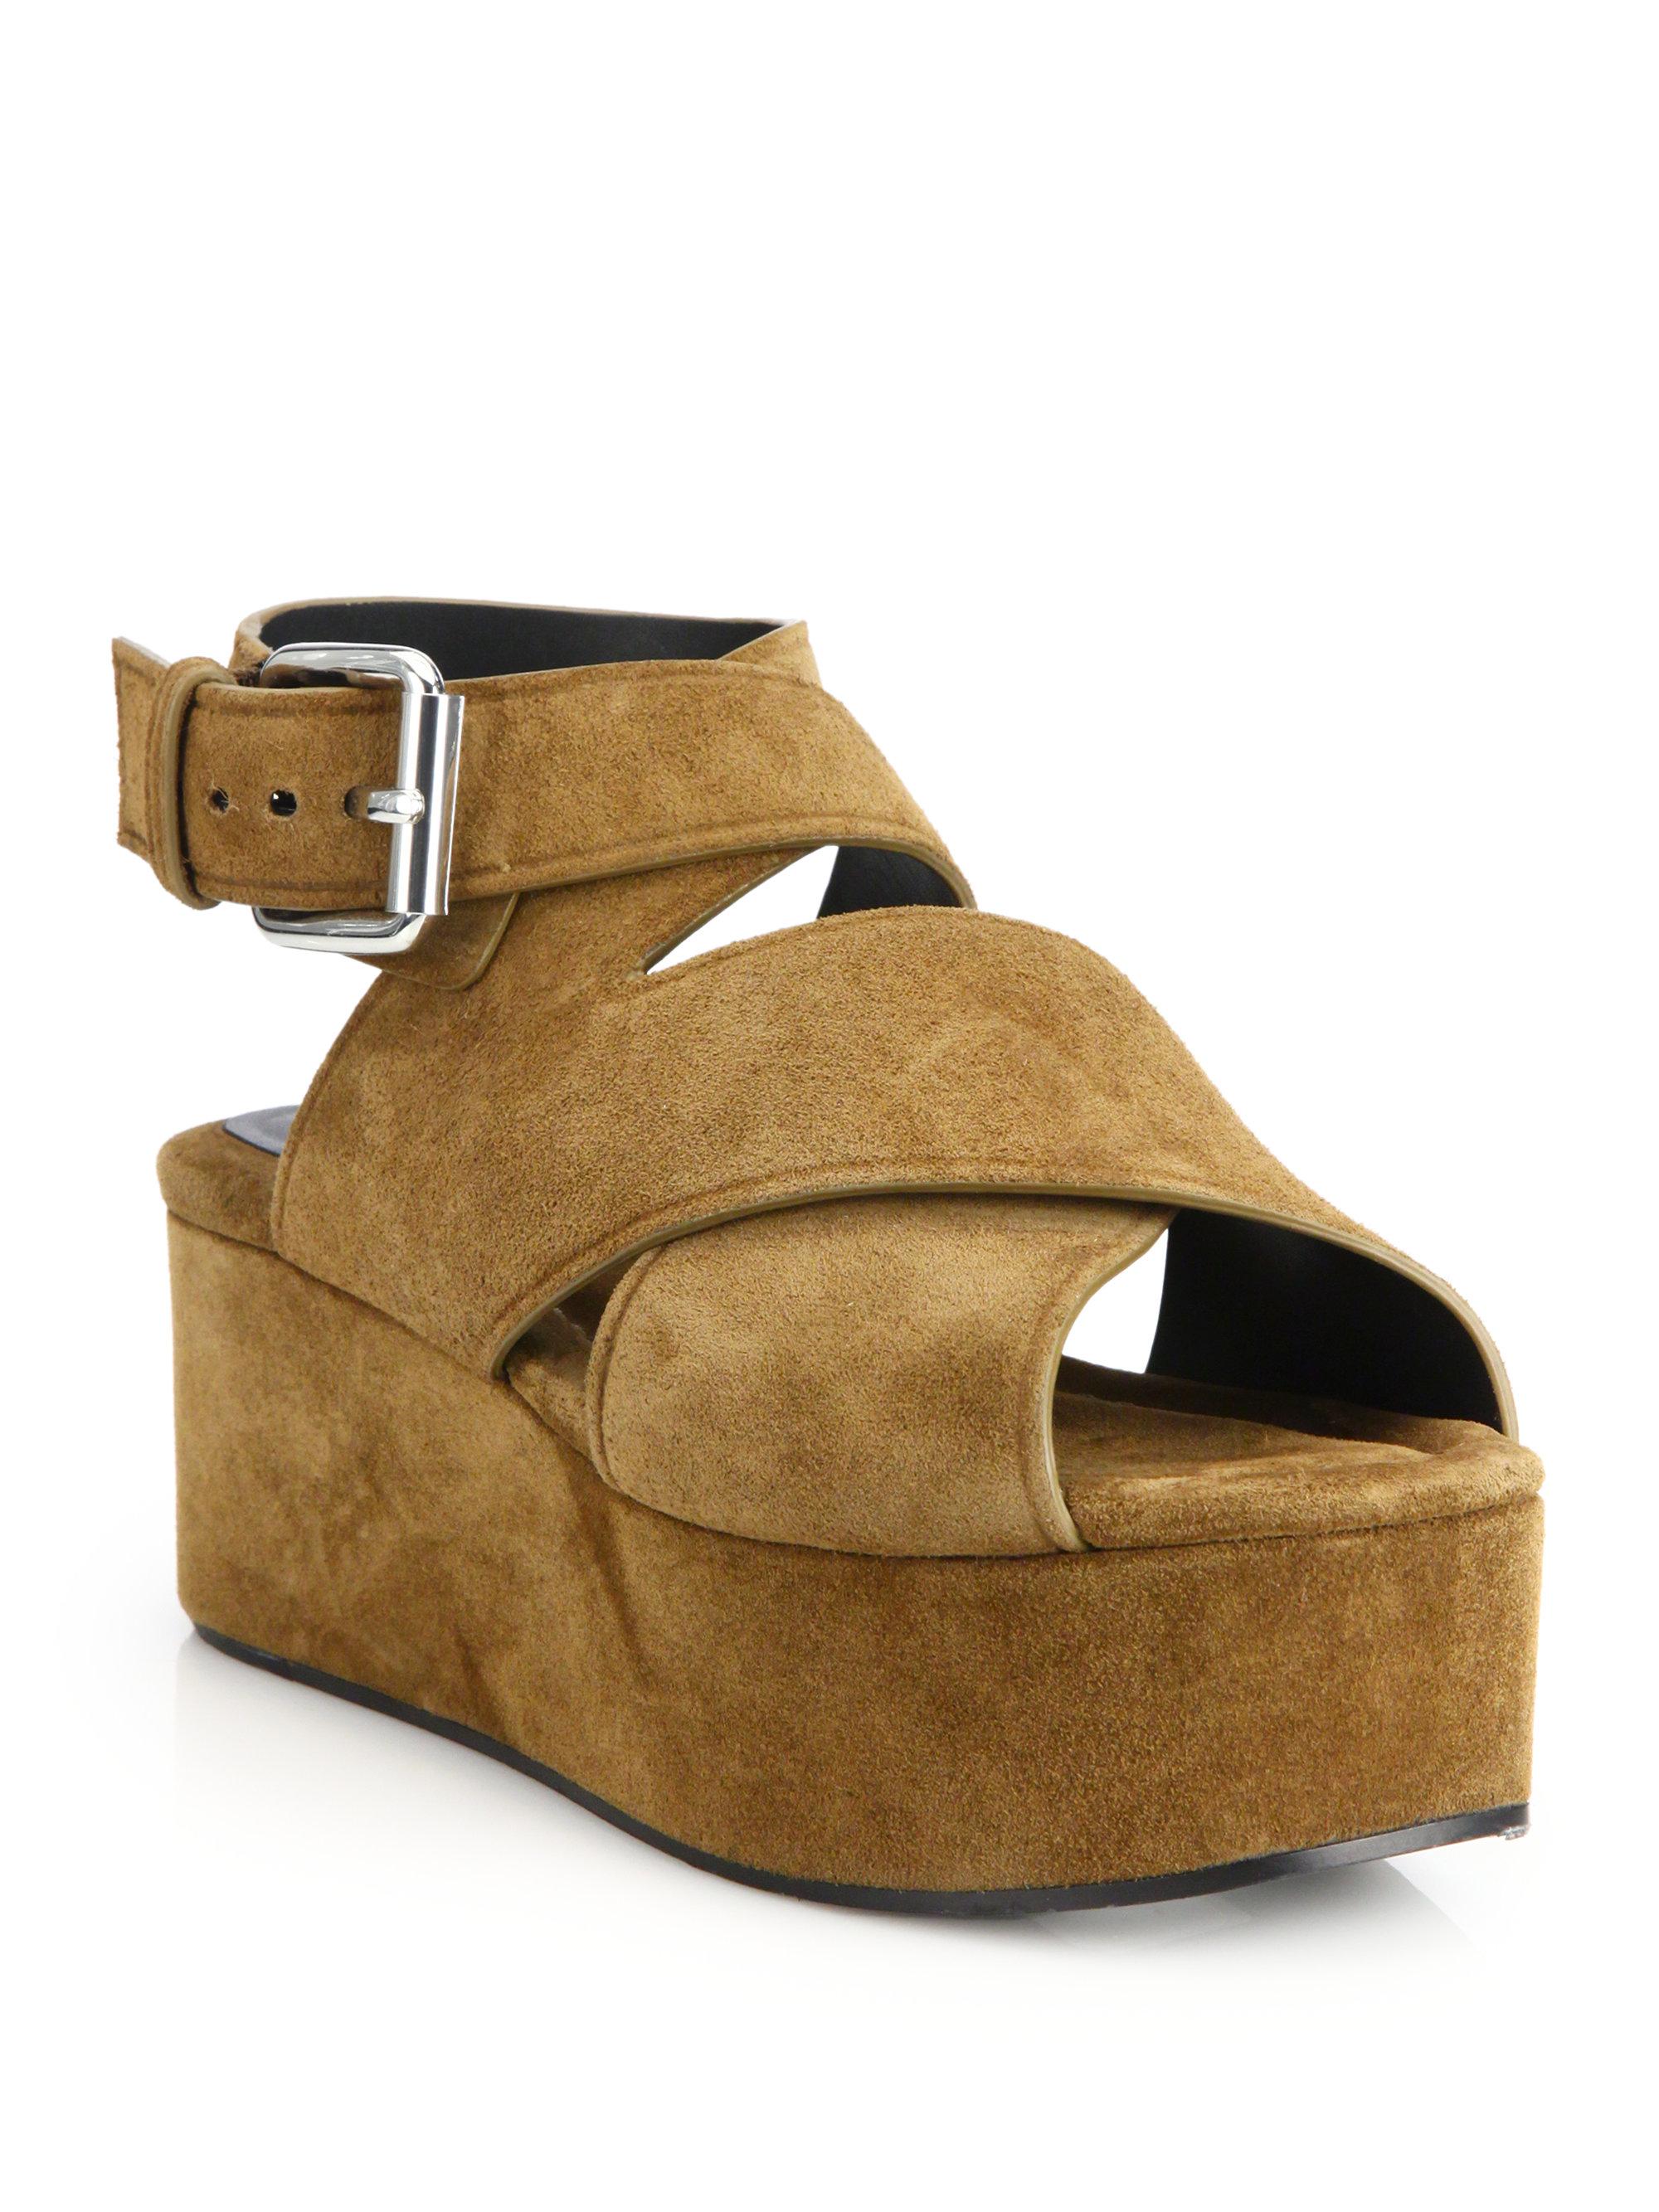 39535d60ea4 Lyst - Alexander Wang Rudy Suede Platform Wedge Sandals in Brown